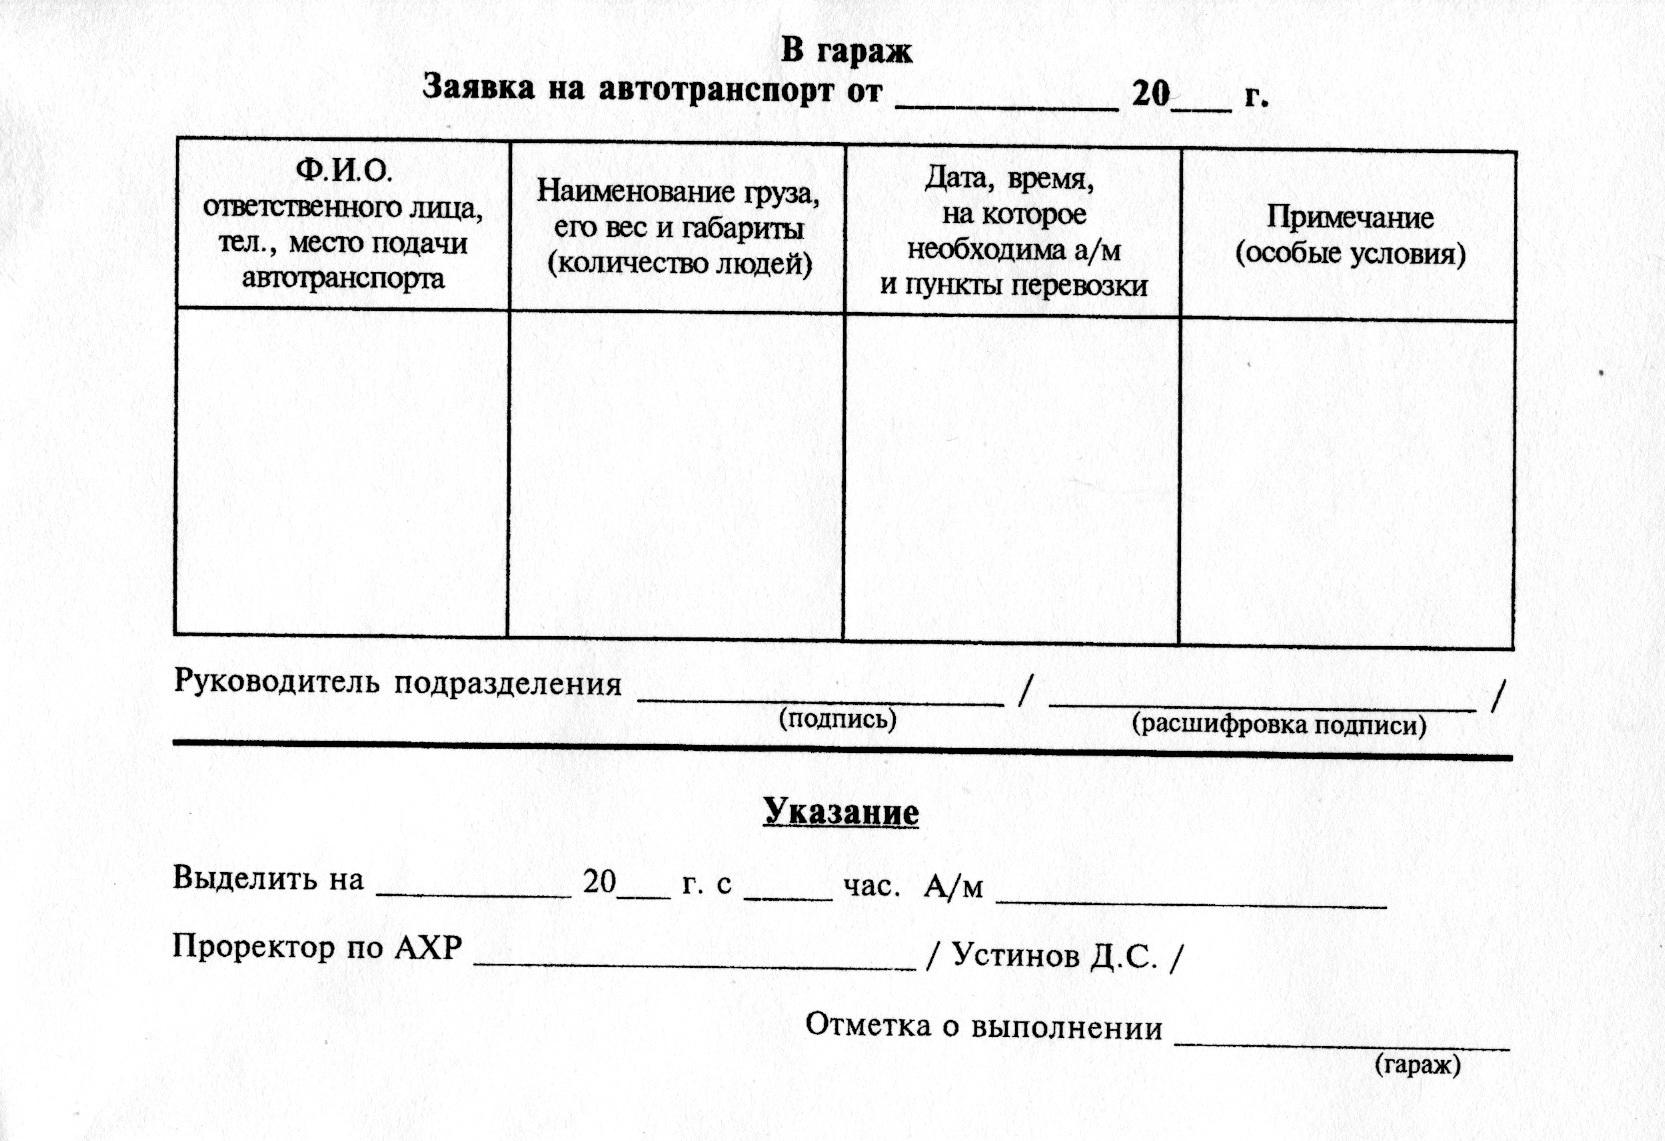 Образцы внутренних документов